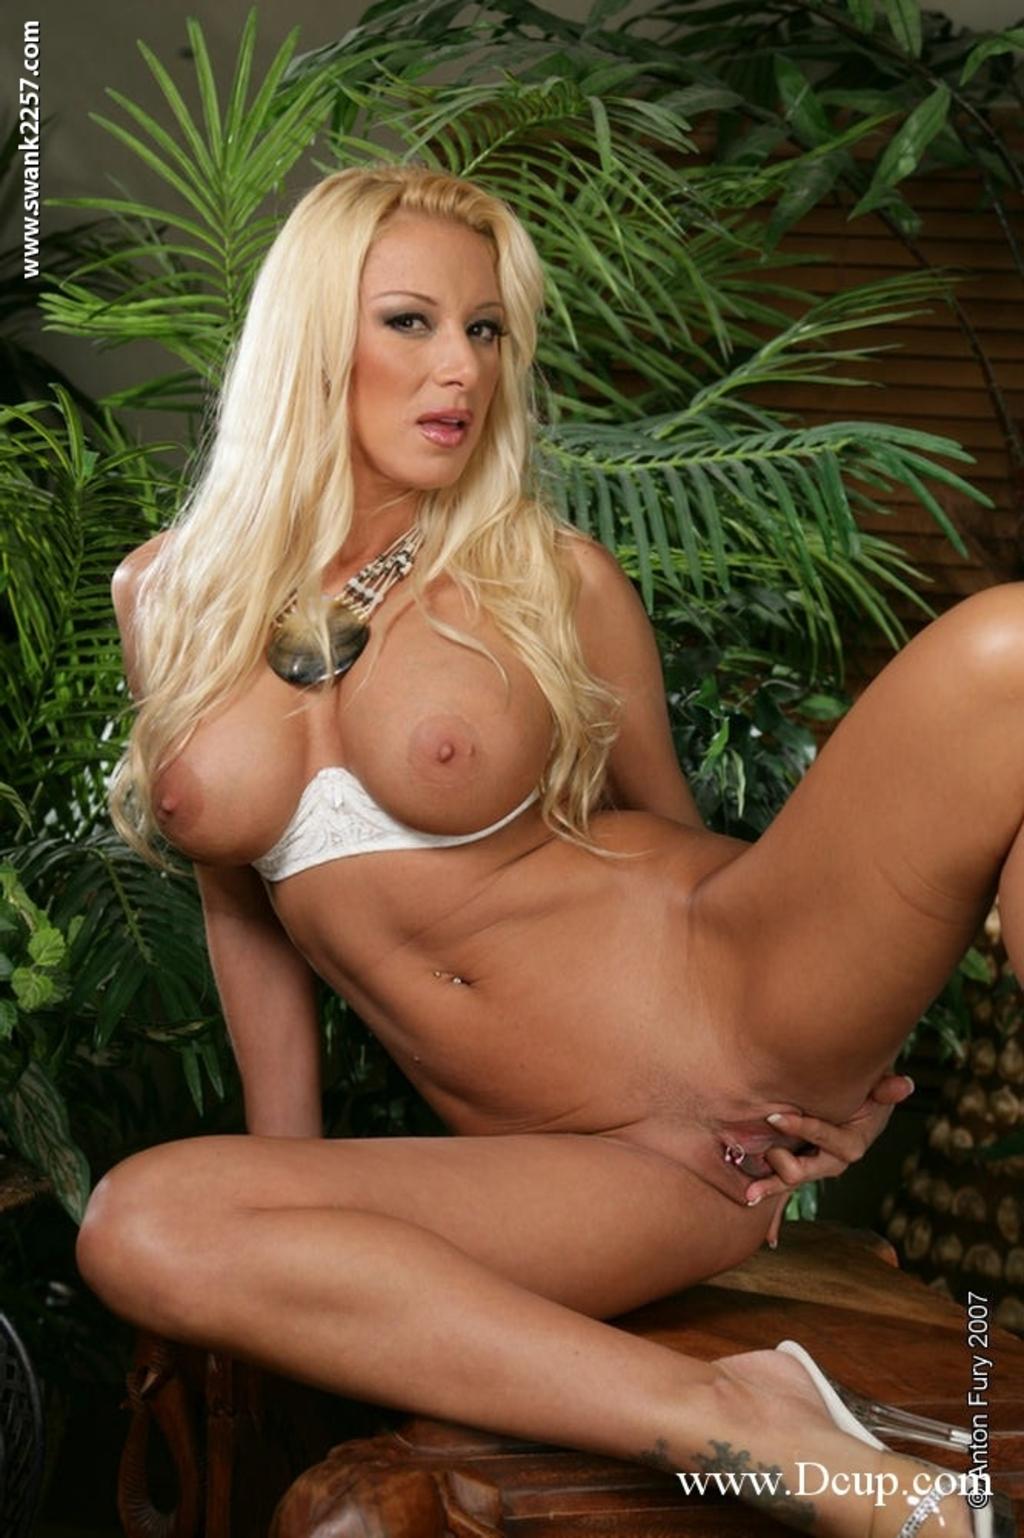 Naomi knight naked pics naked wild chick